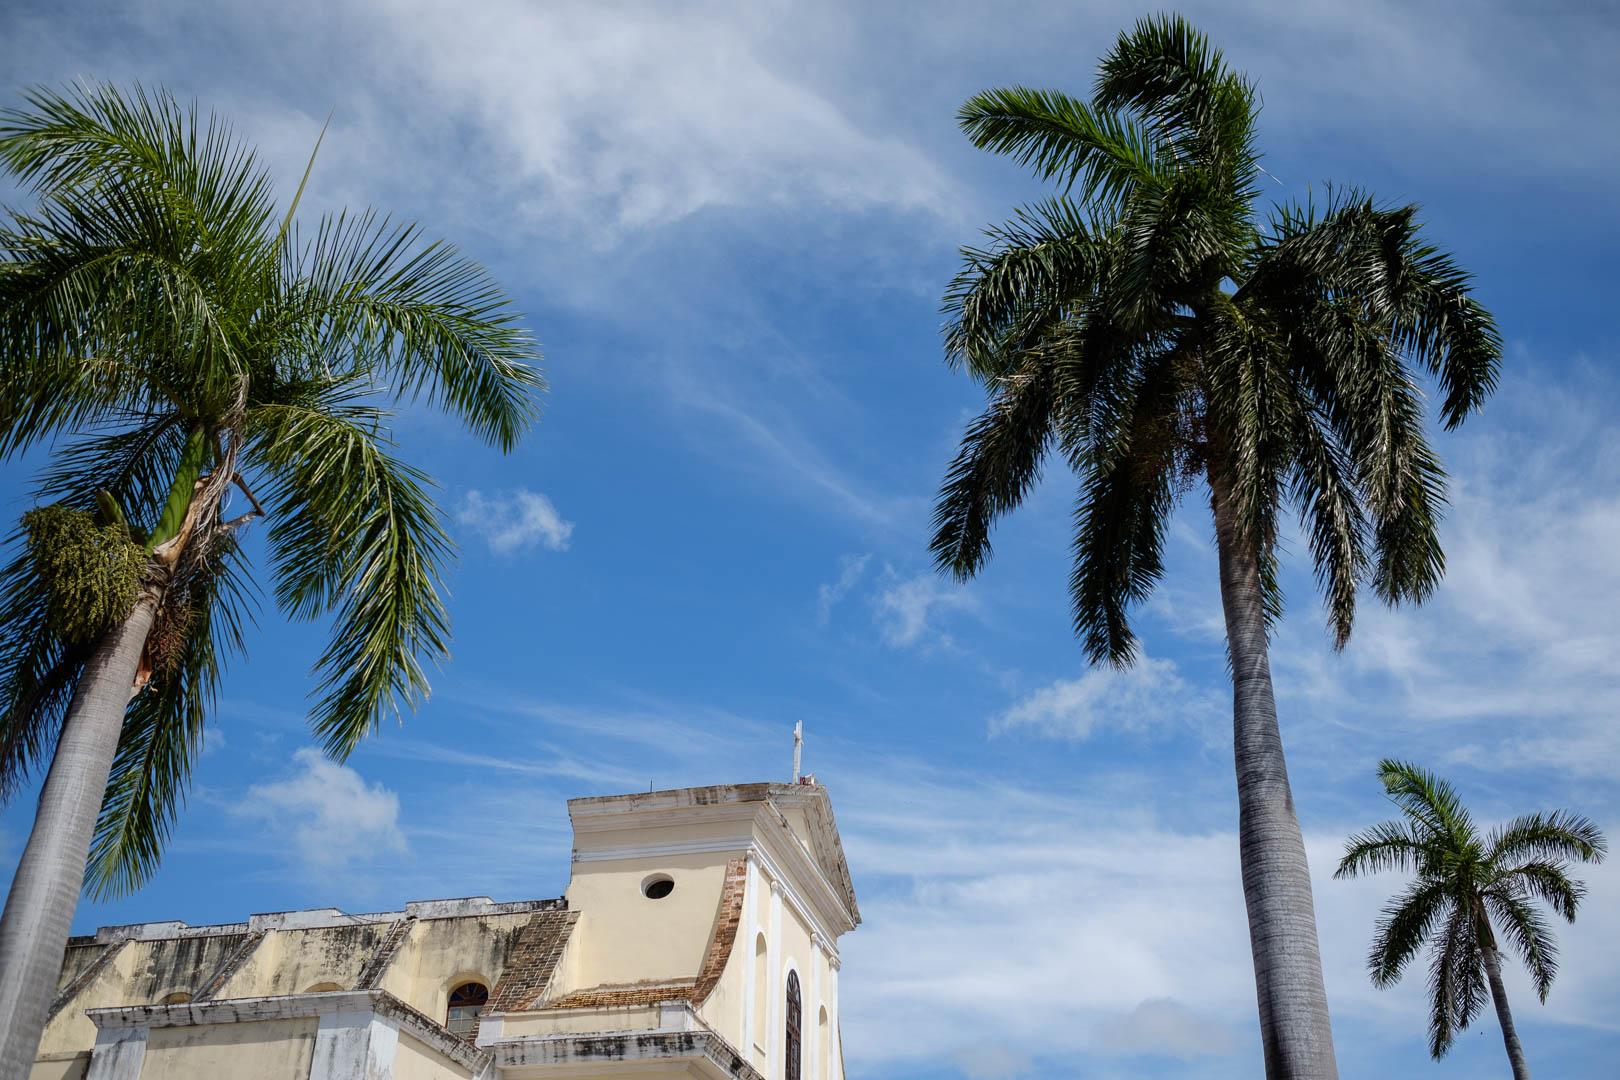 180428-Trinidad-33-1080.jpg